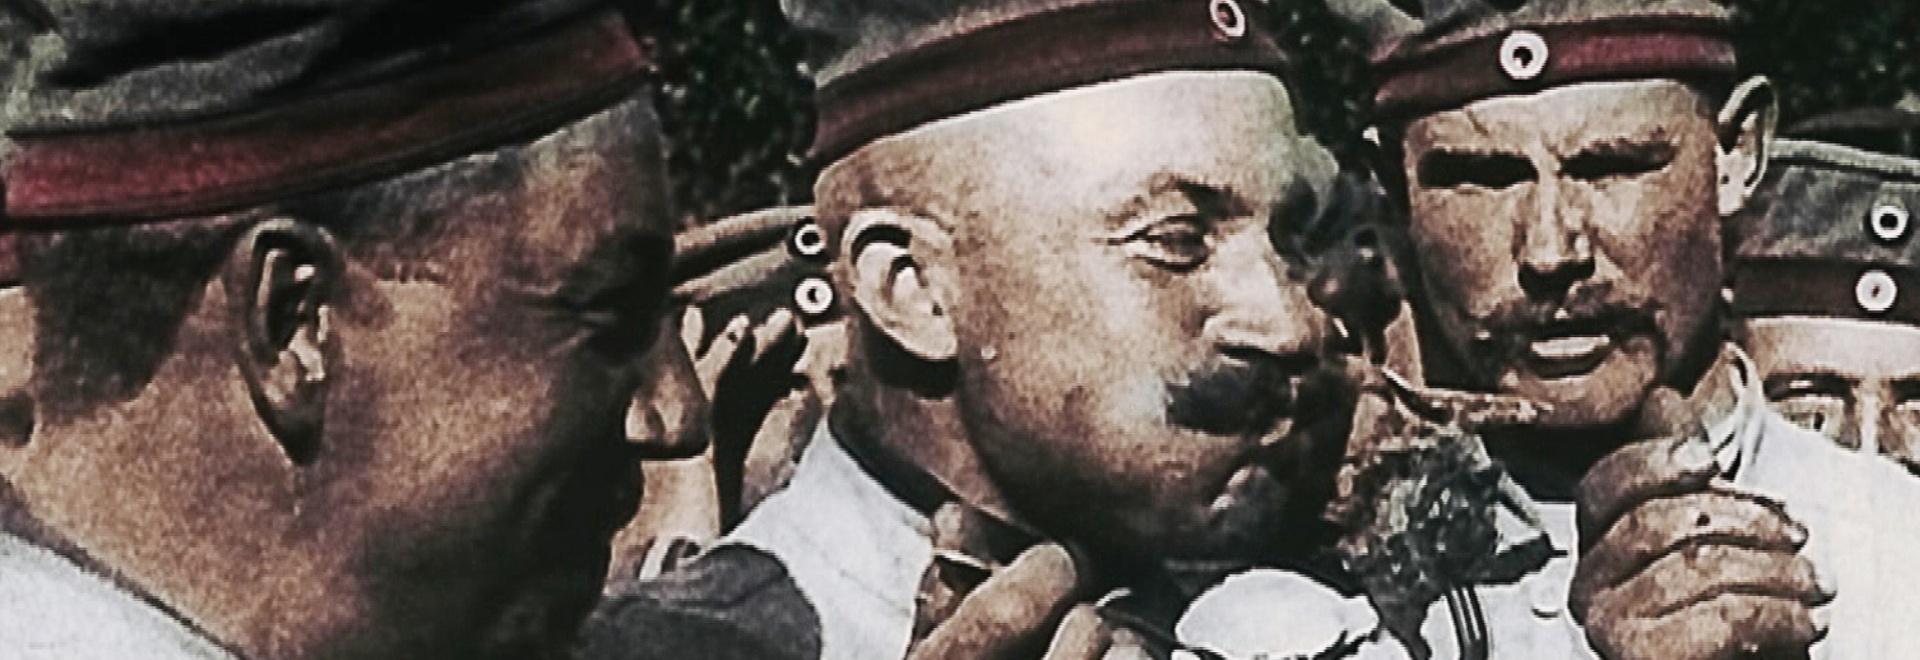 La battaglia di Tannenberg